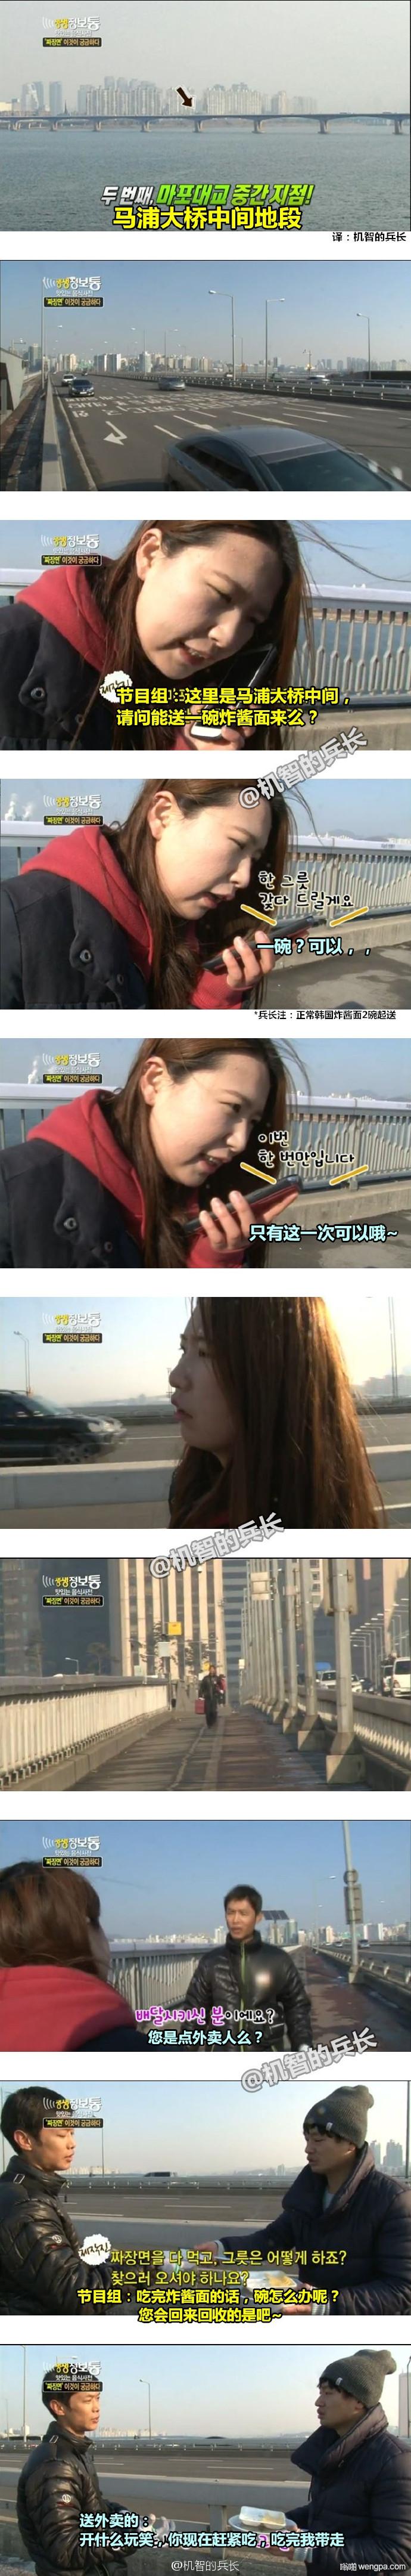 韩国节目组整炸酱面店 上演现实版《金氏漂流记》